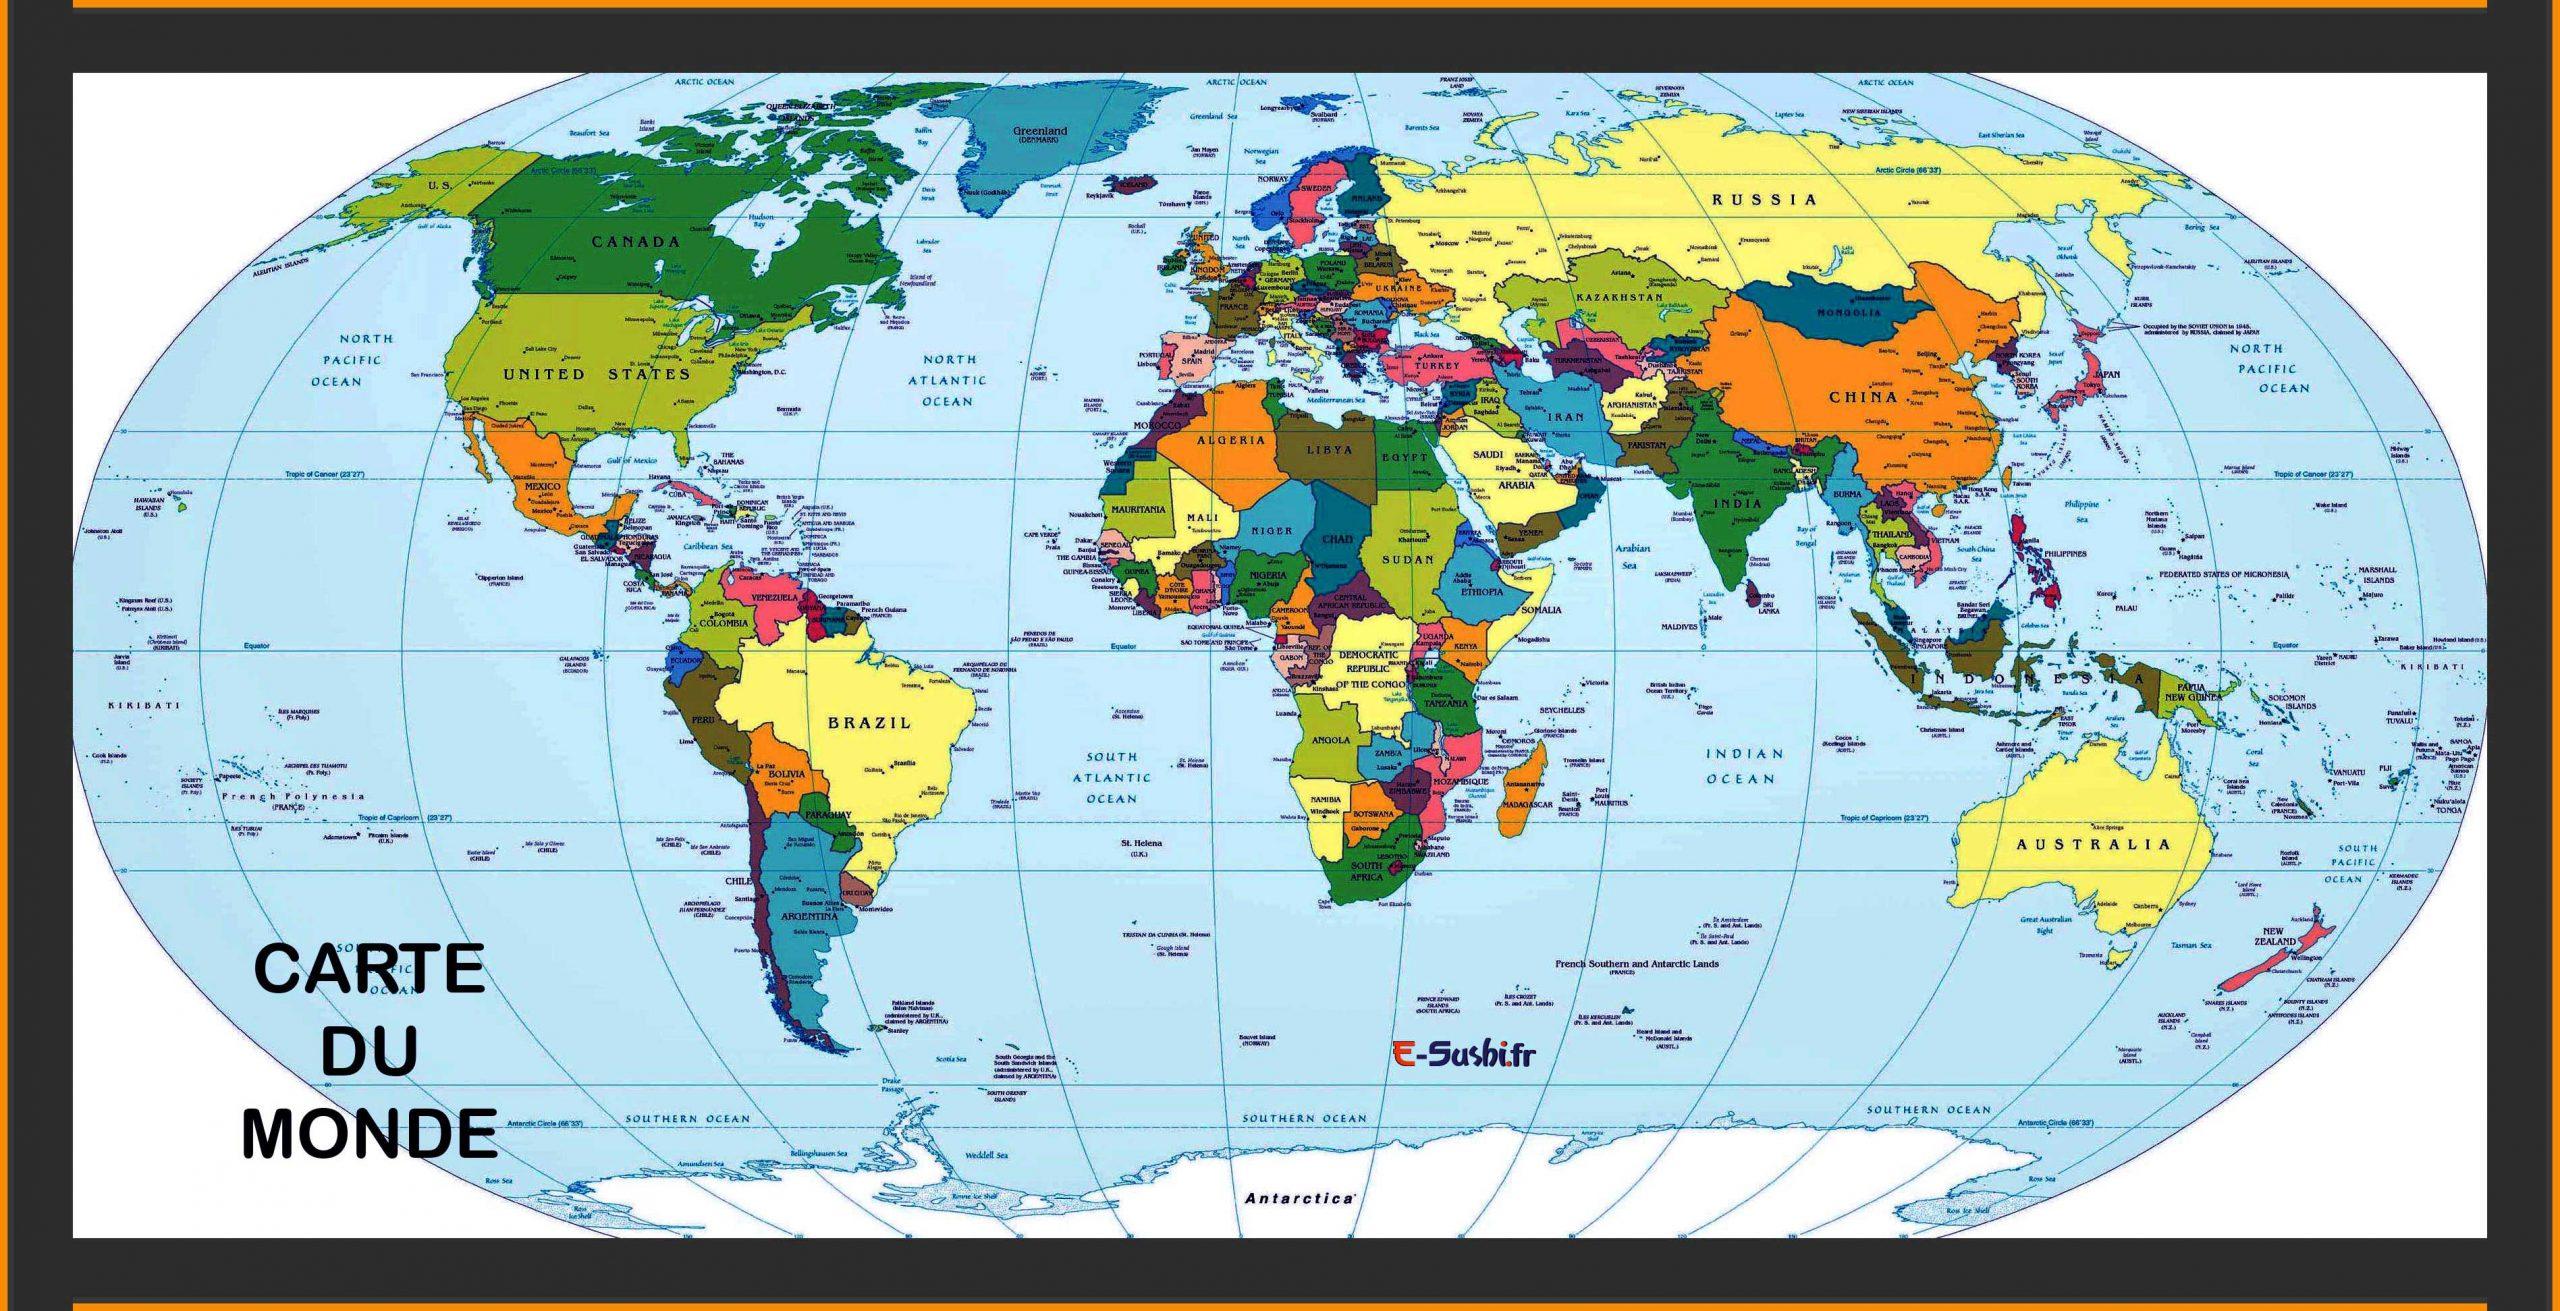 Carte Du Monde - Plan Des Pays - Images » Vacances - Arts à Carte Du Monde Avec Capitales Et Pays